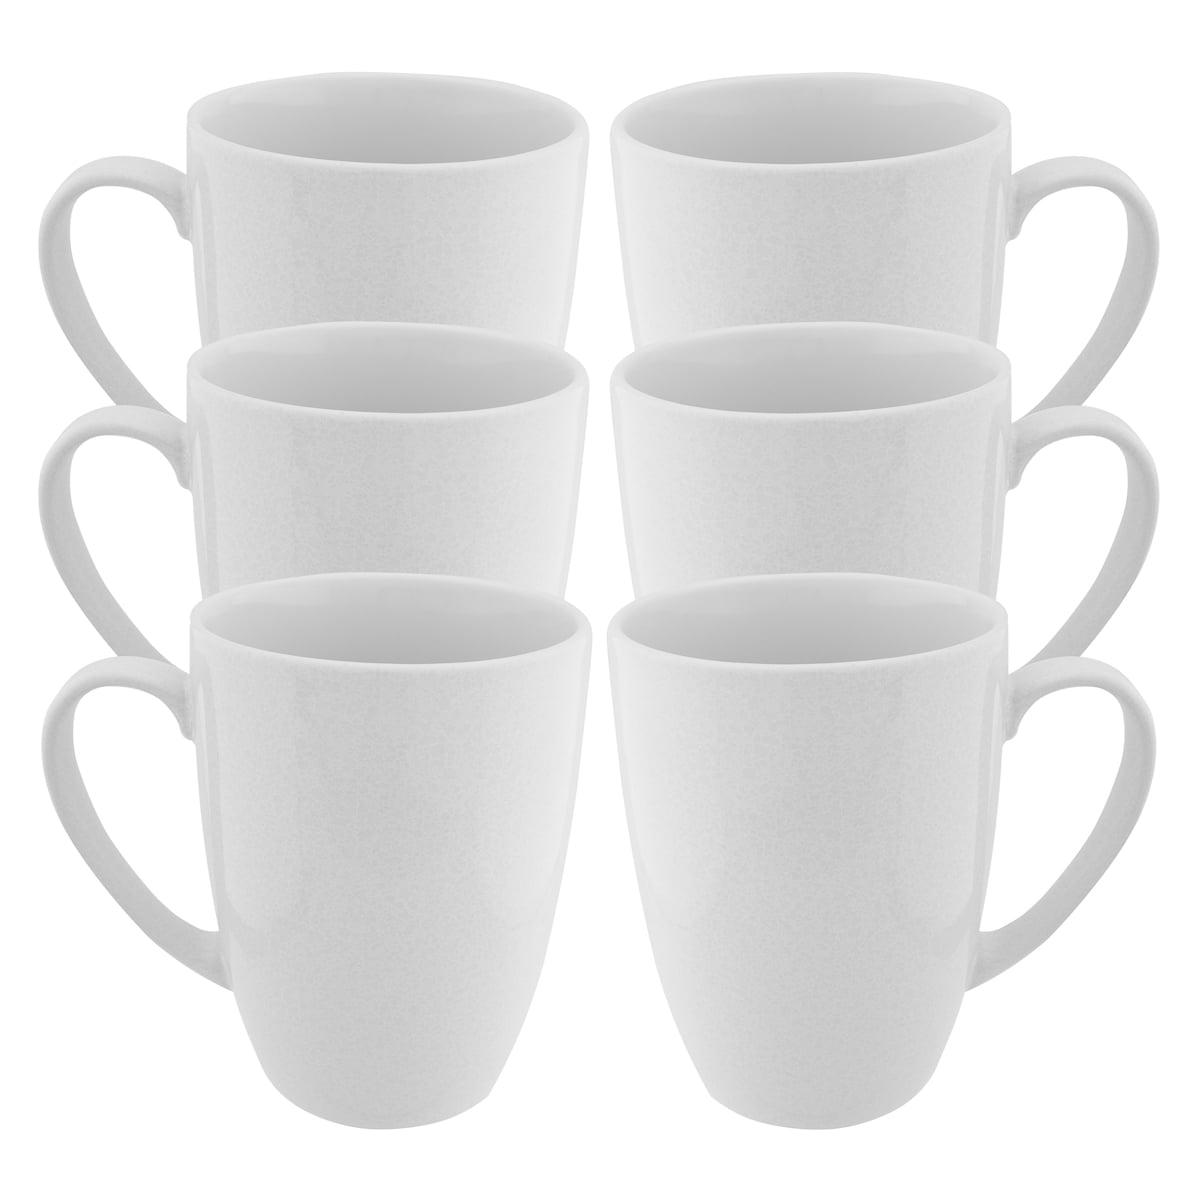 Fuse 6 Pack White Coffee Mug With Handles Set Glazed Ceramic Mug